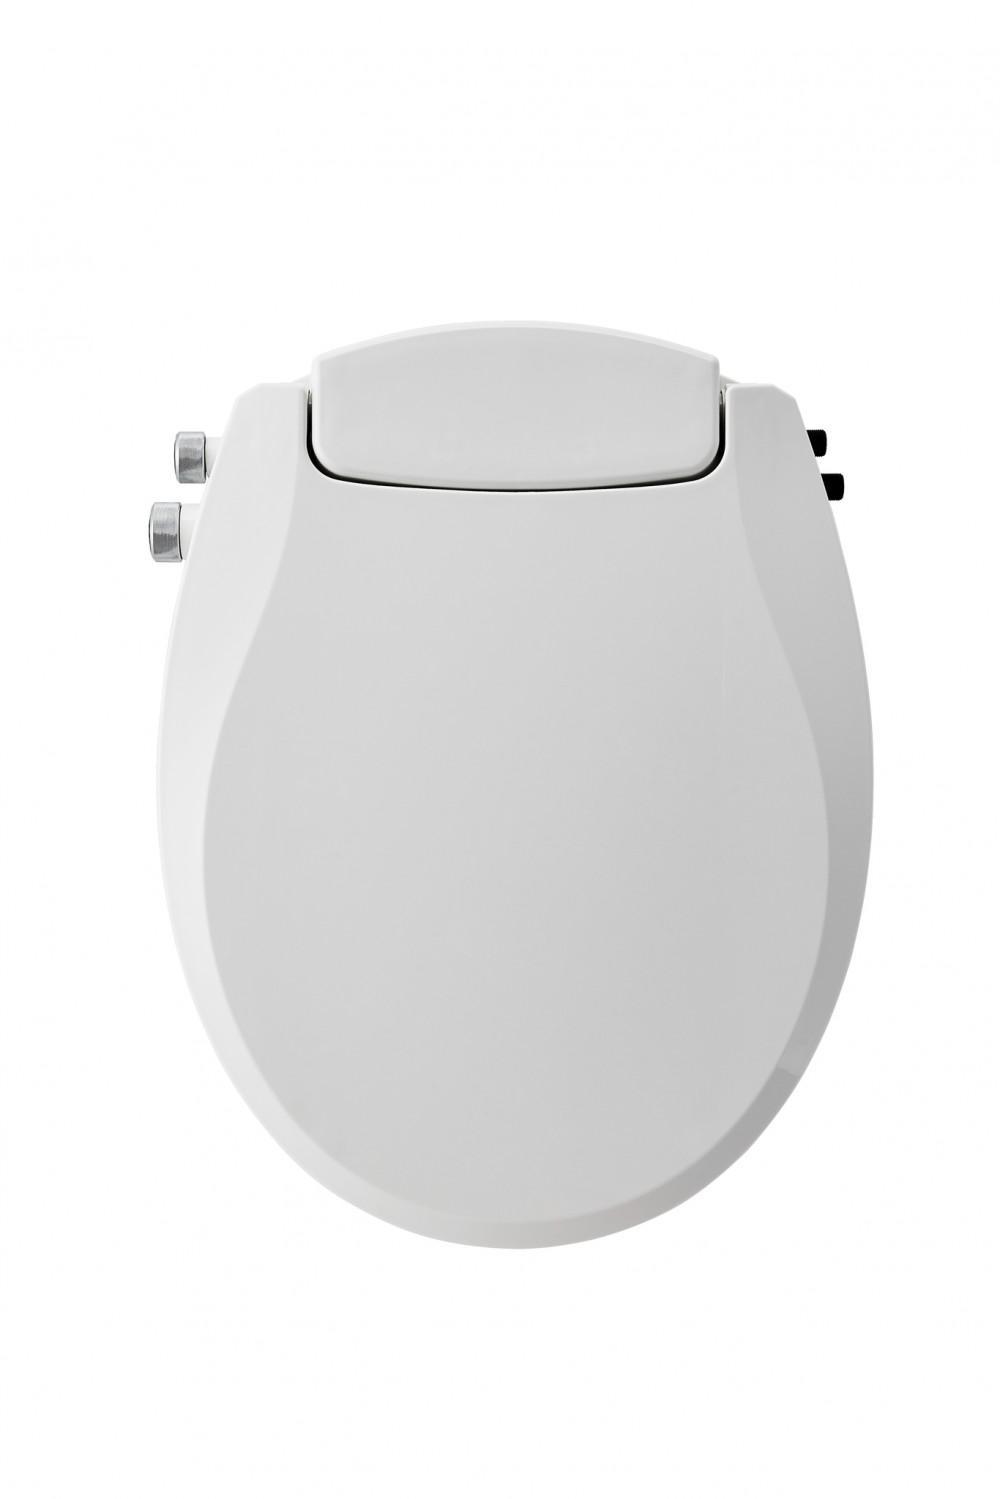 neu 2019 dusch wc aufsatz nicht elektrisch fp208